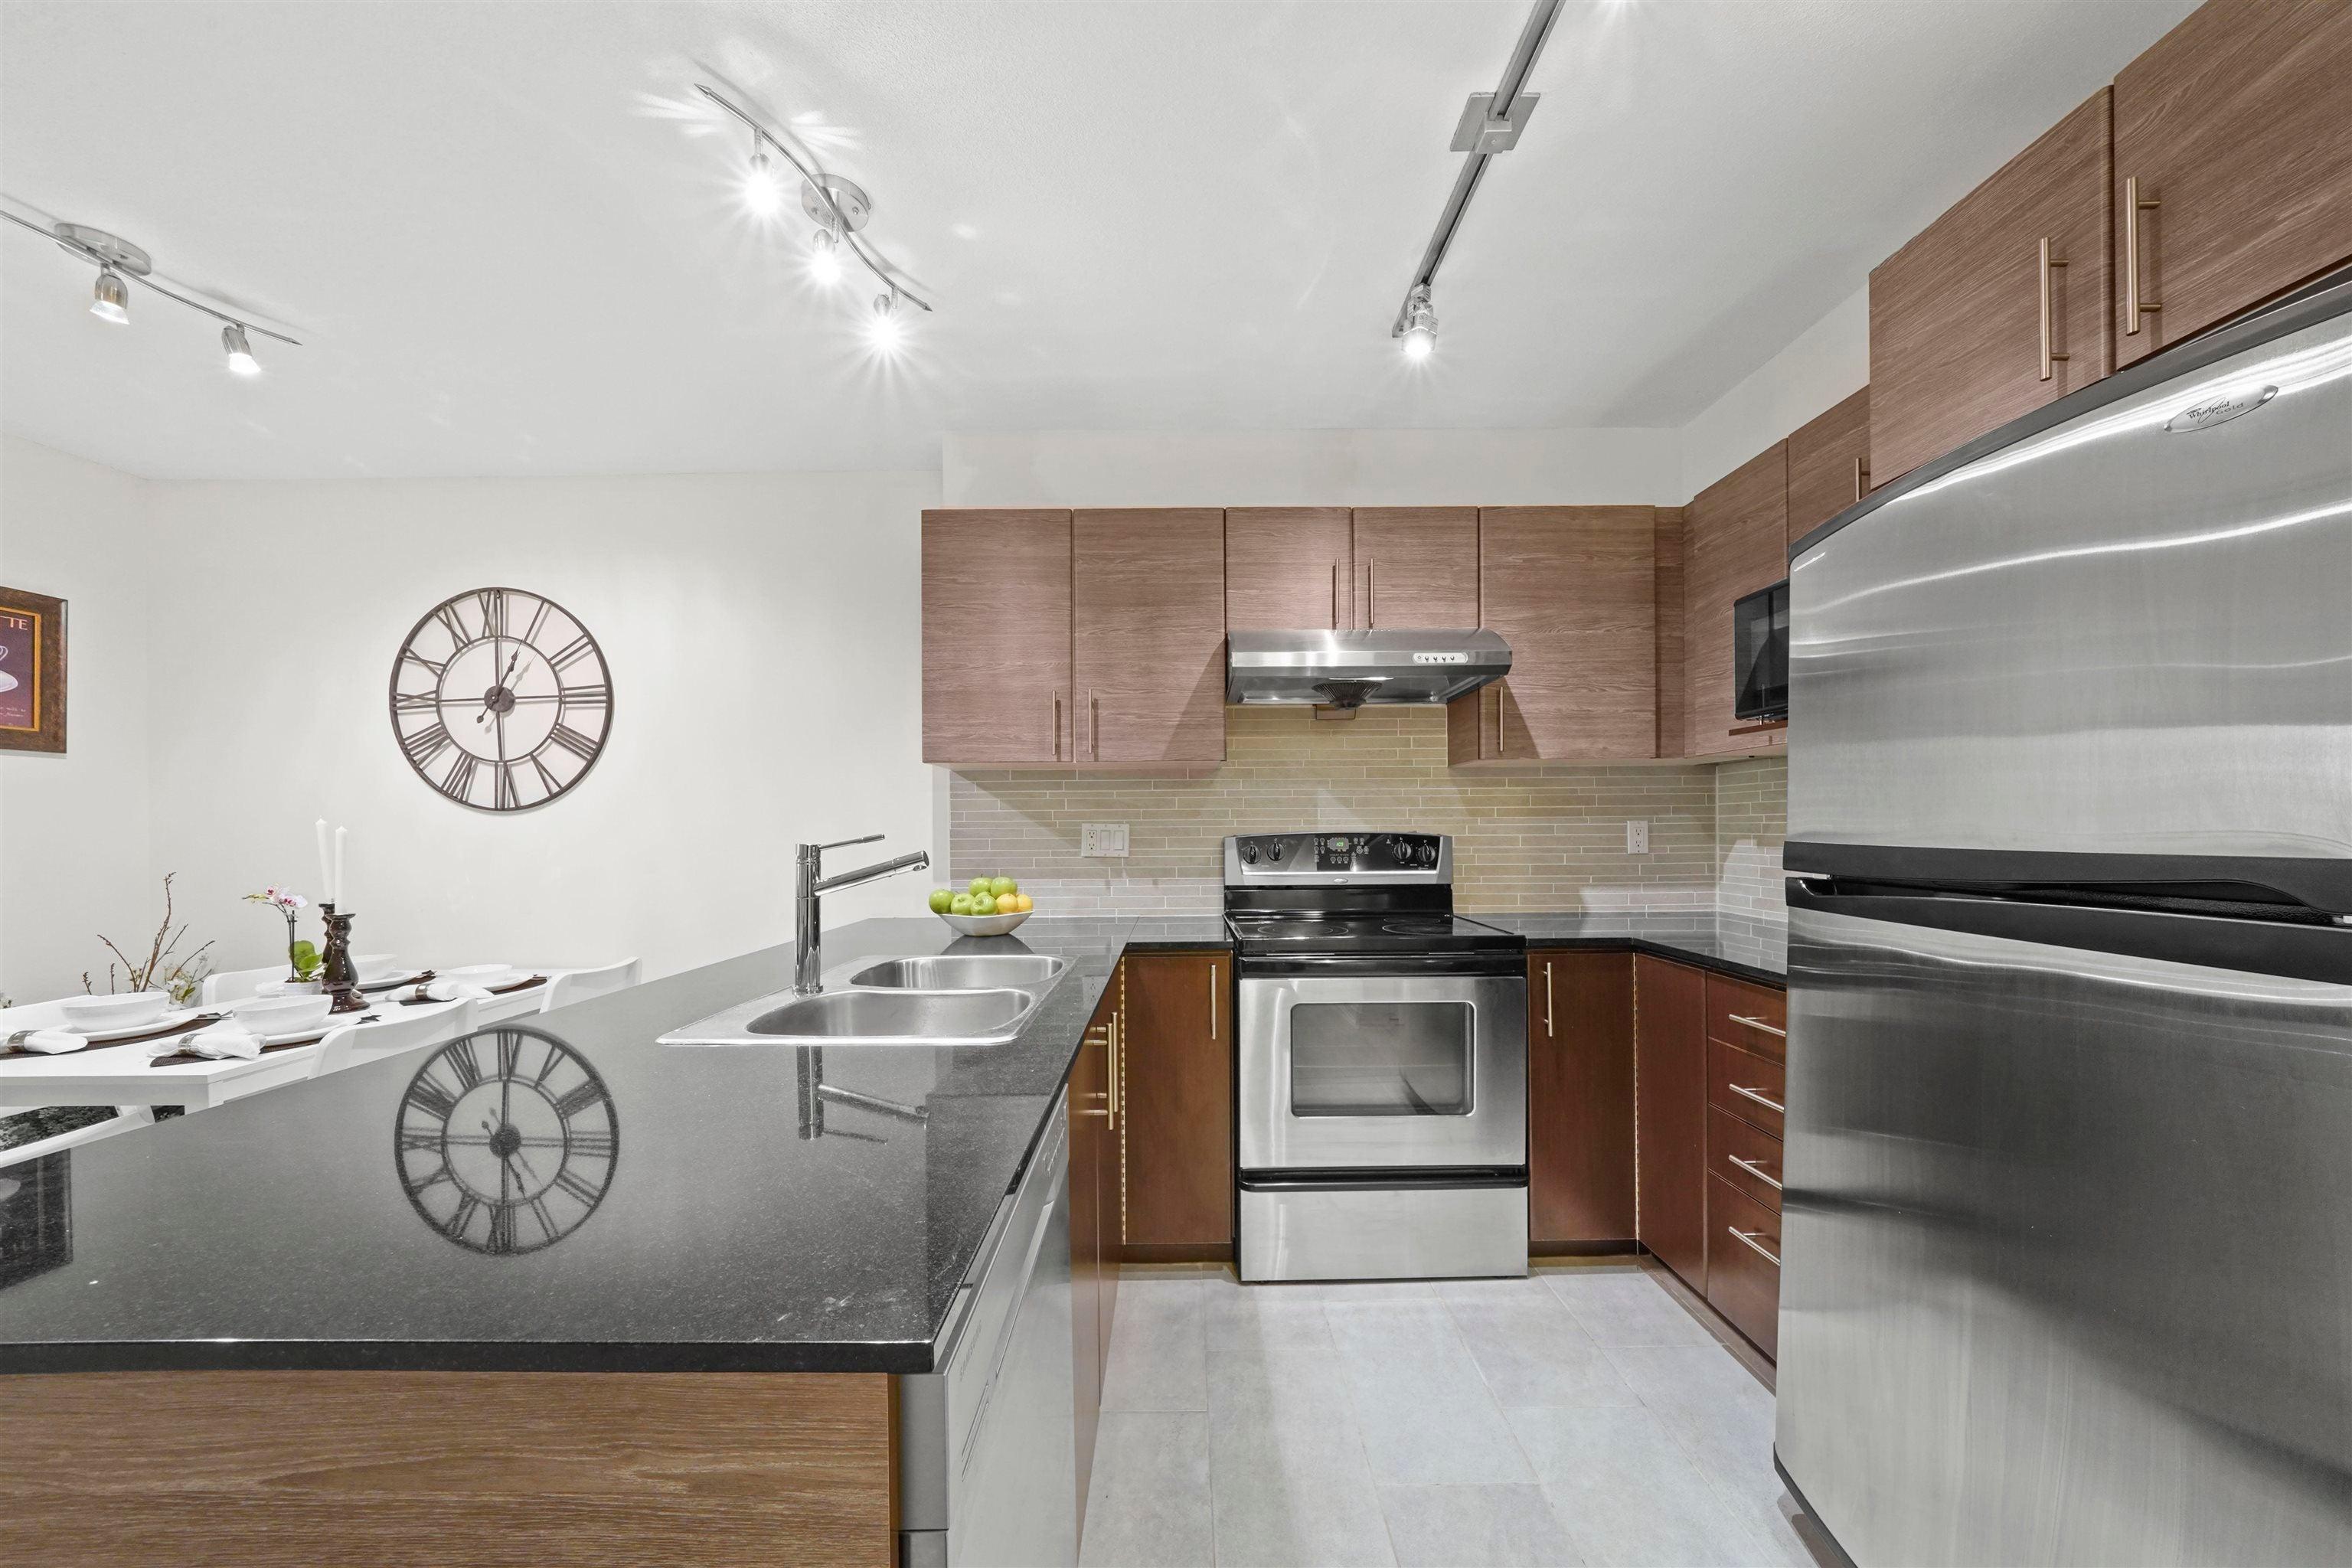 319 1633 MACKAY AVENUE - Pemberton NV Apartment/Condo for sale, 2 Bedrooms (R2624916) - #3